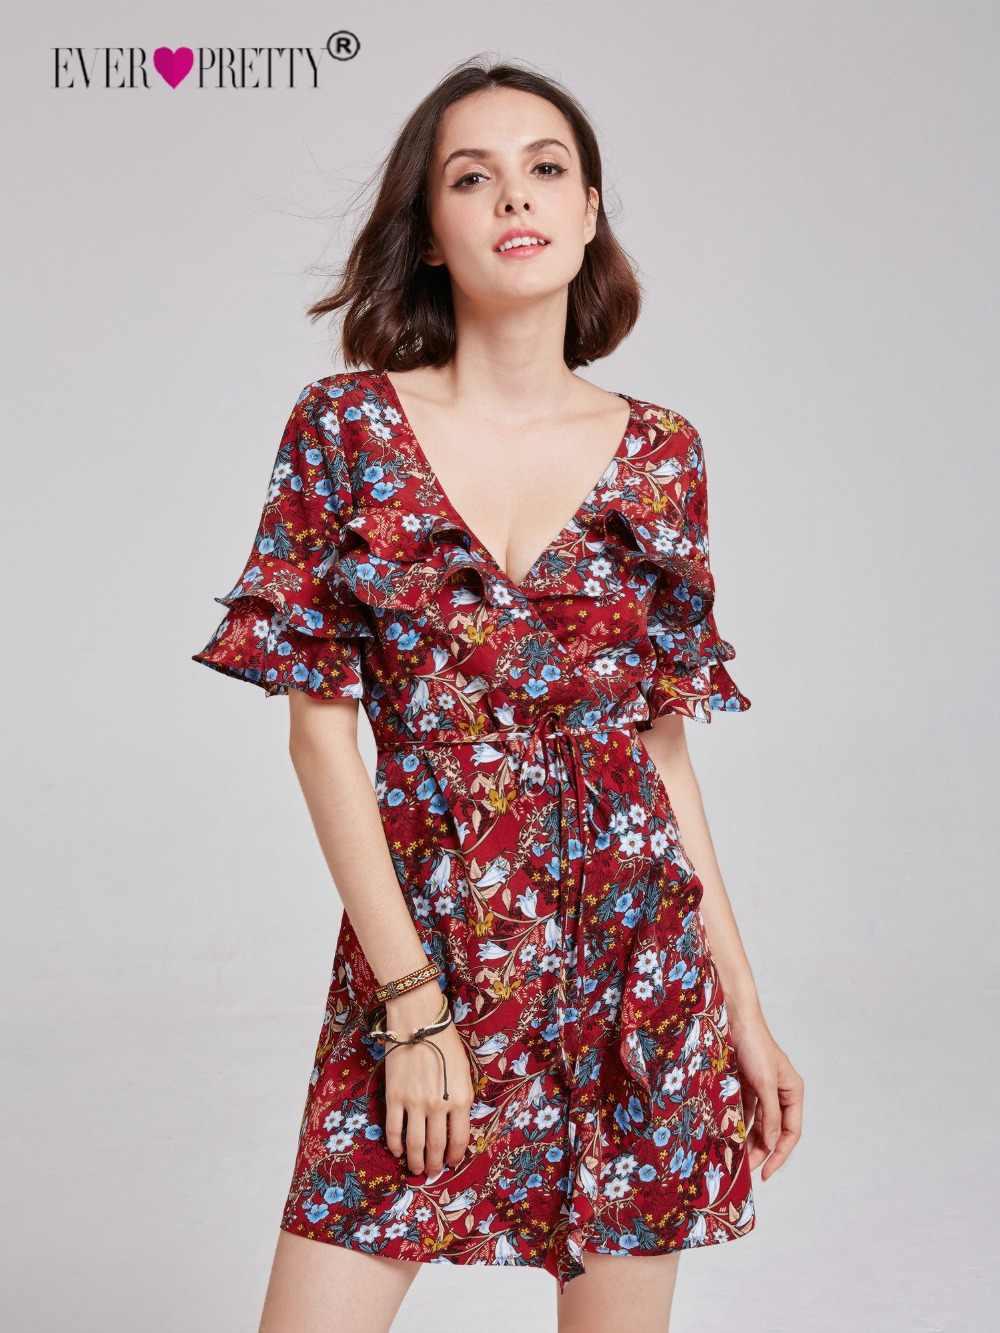 Vintage Floral Print Sommer Lange Maxi Kleid Off Schulter Sexy Frauen Kausalen Kleid Plus Größe Strand Party Kleider Vestidos